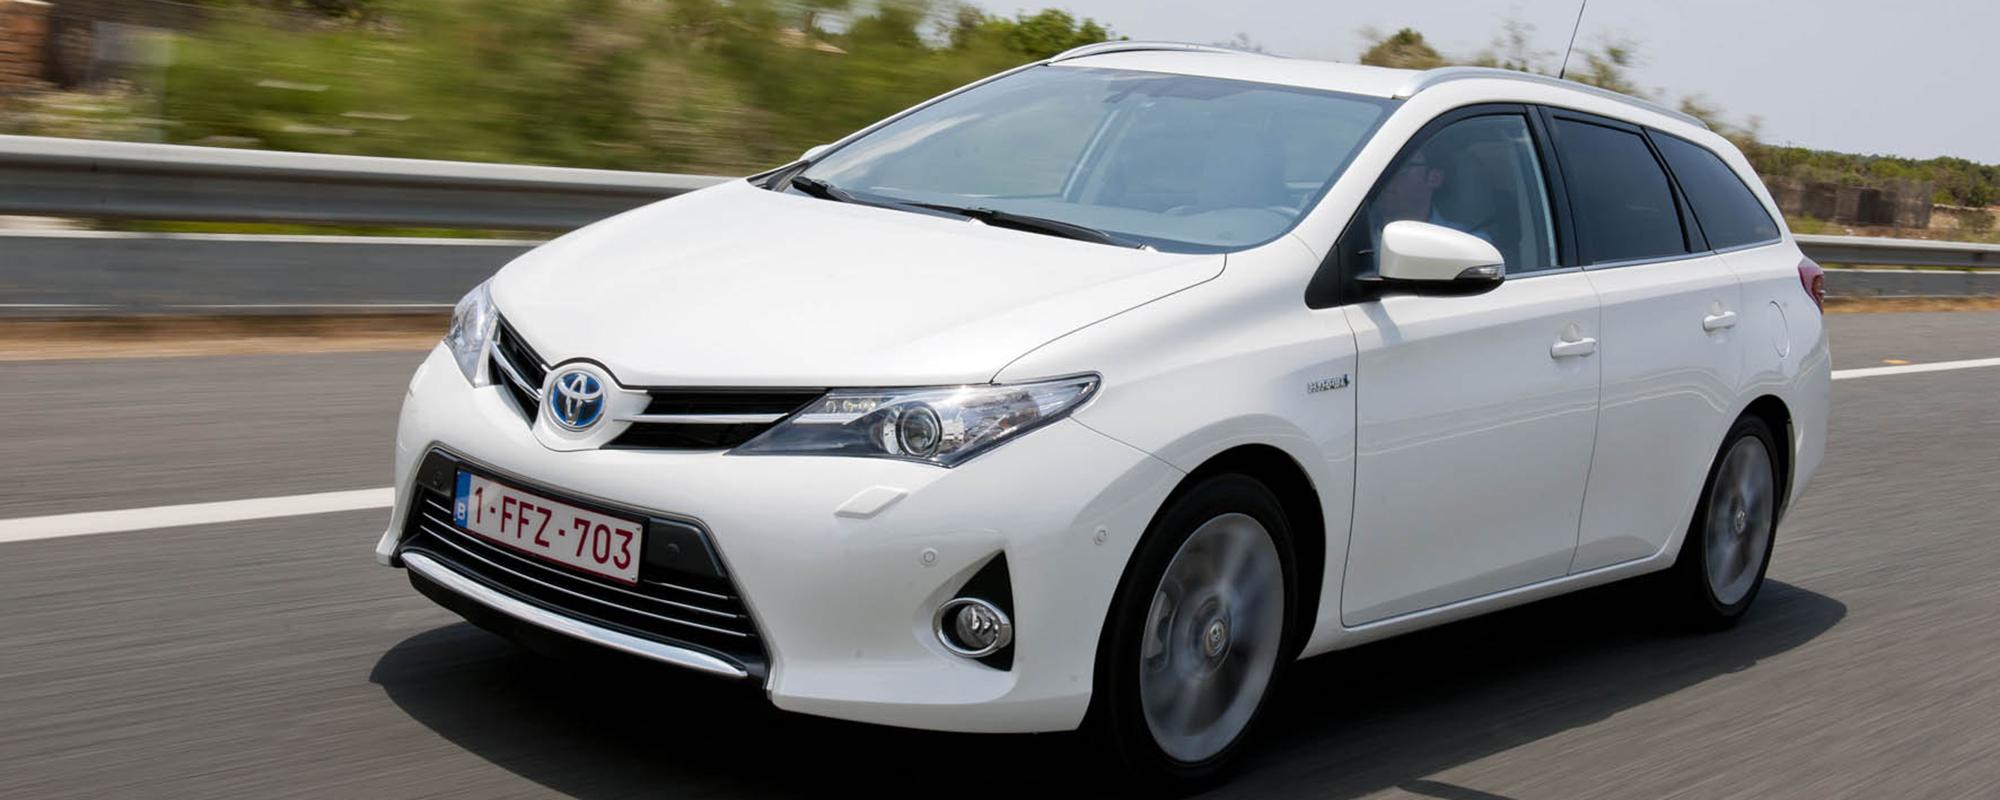 Online publieksprijs: Toyota Auris Touring Sports Hybrid populairste zuinige auto